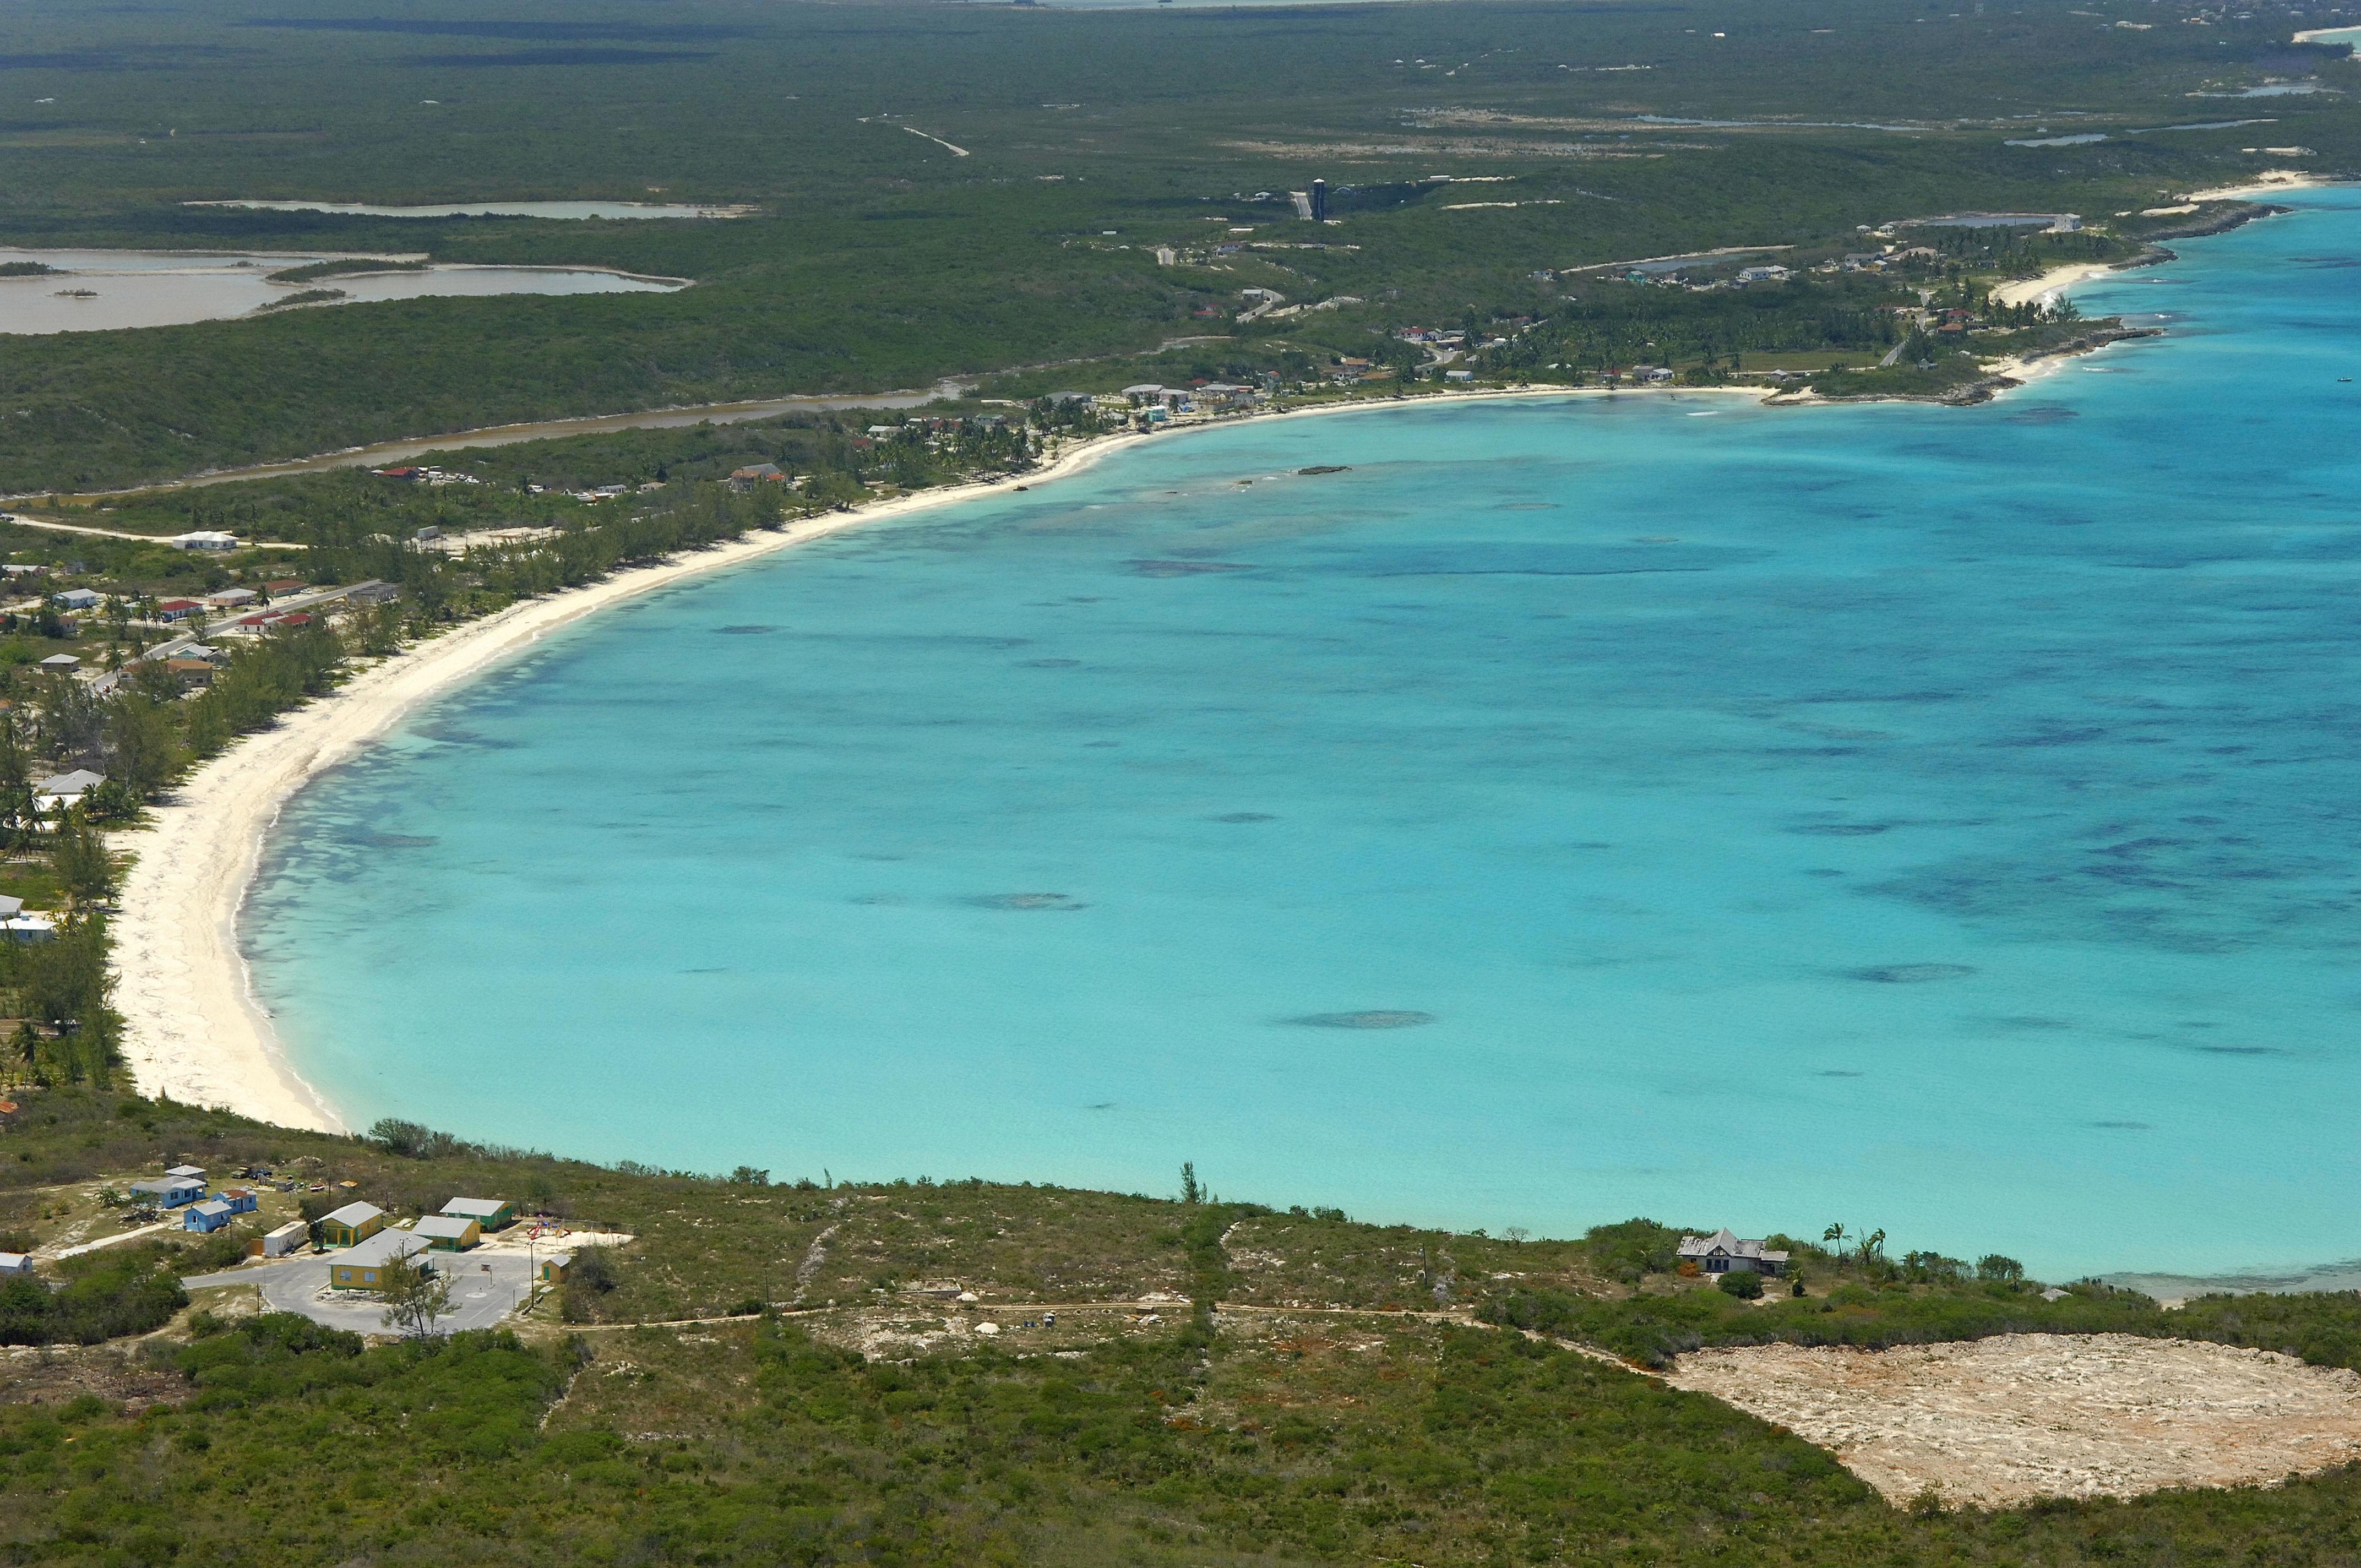 Emerald Bay Anchorage In Emerald Bay EX Bahamas